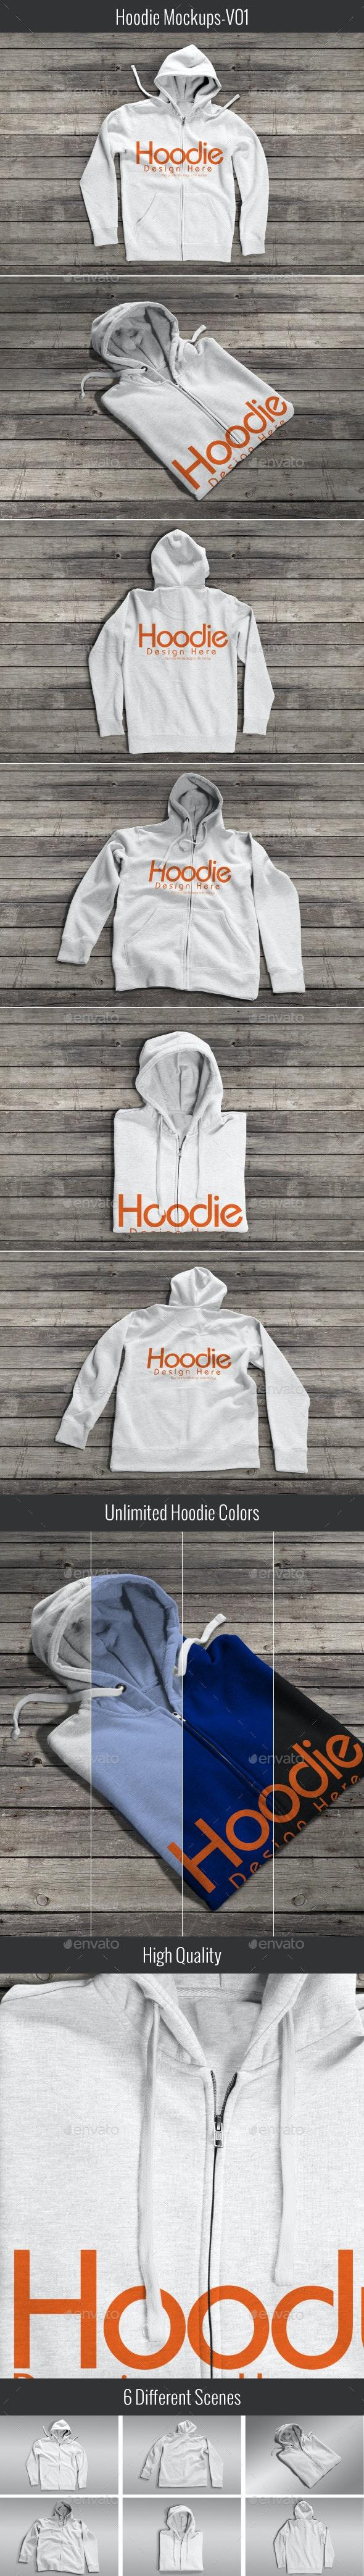 Hoodie Mock-up V01 - Apparel Product Mock-Ups